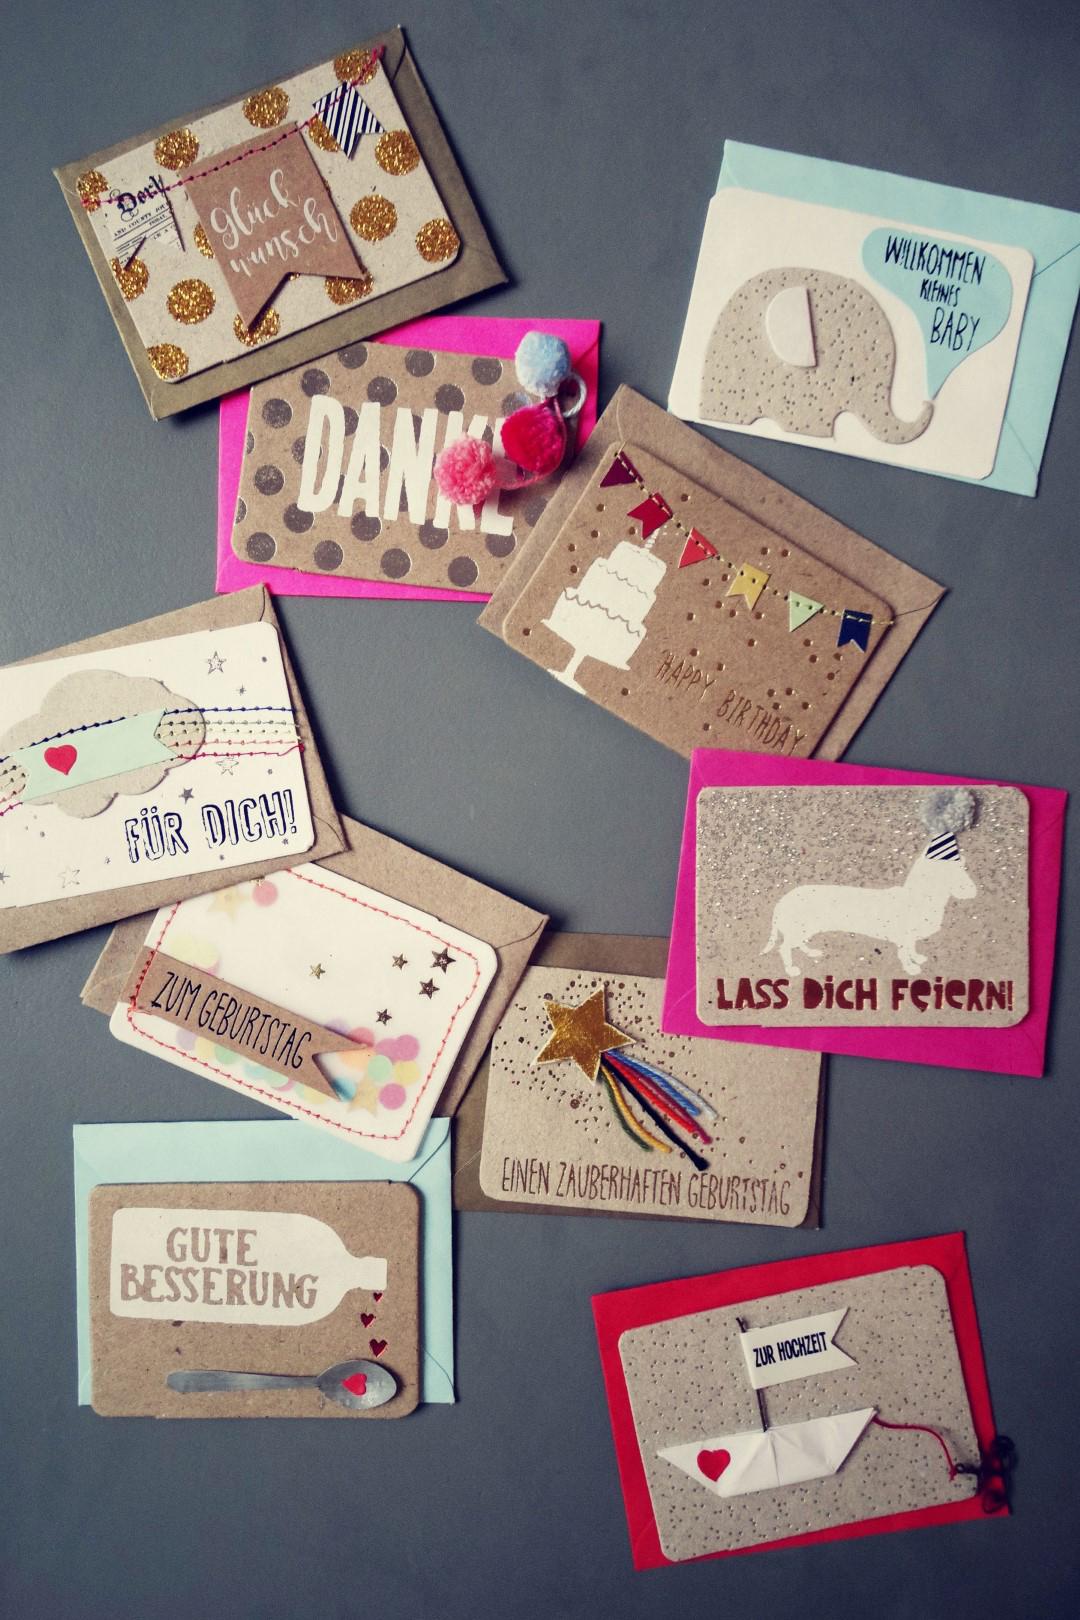 Das Bild zeigt Produkte der Good old friends GmbH